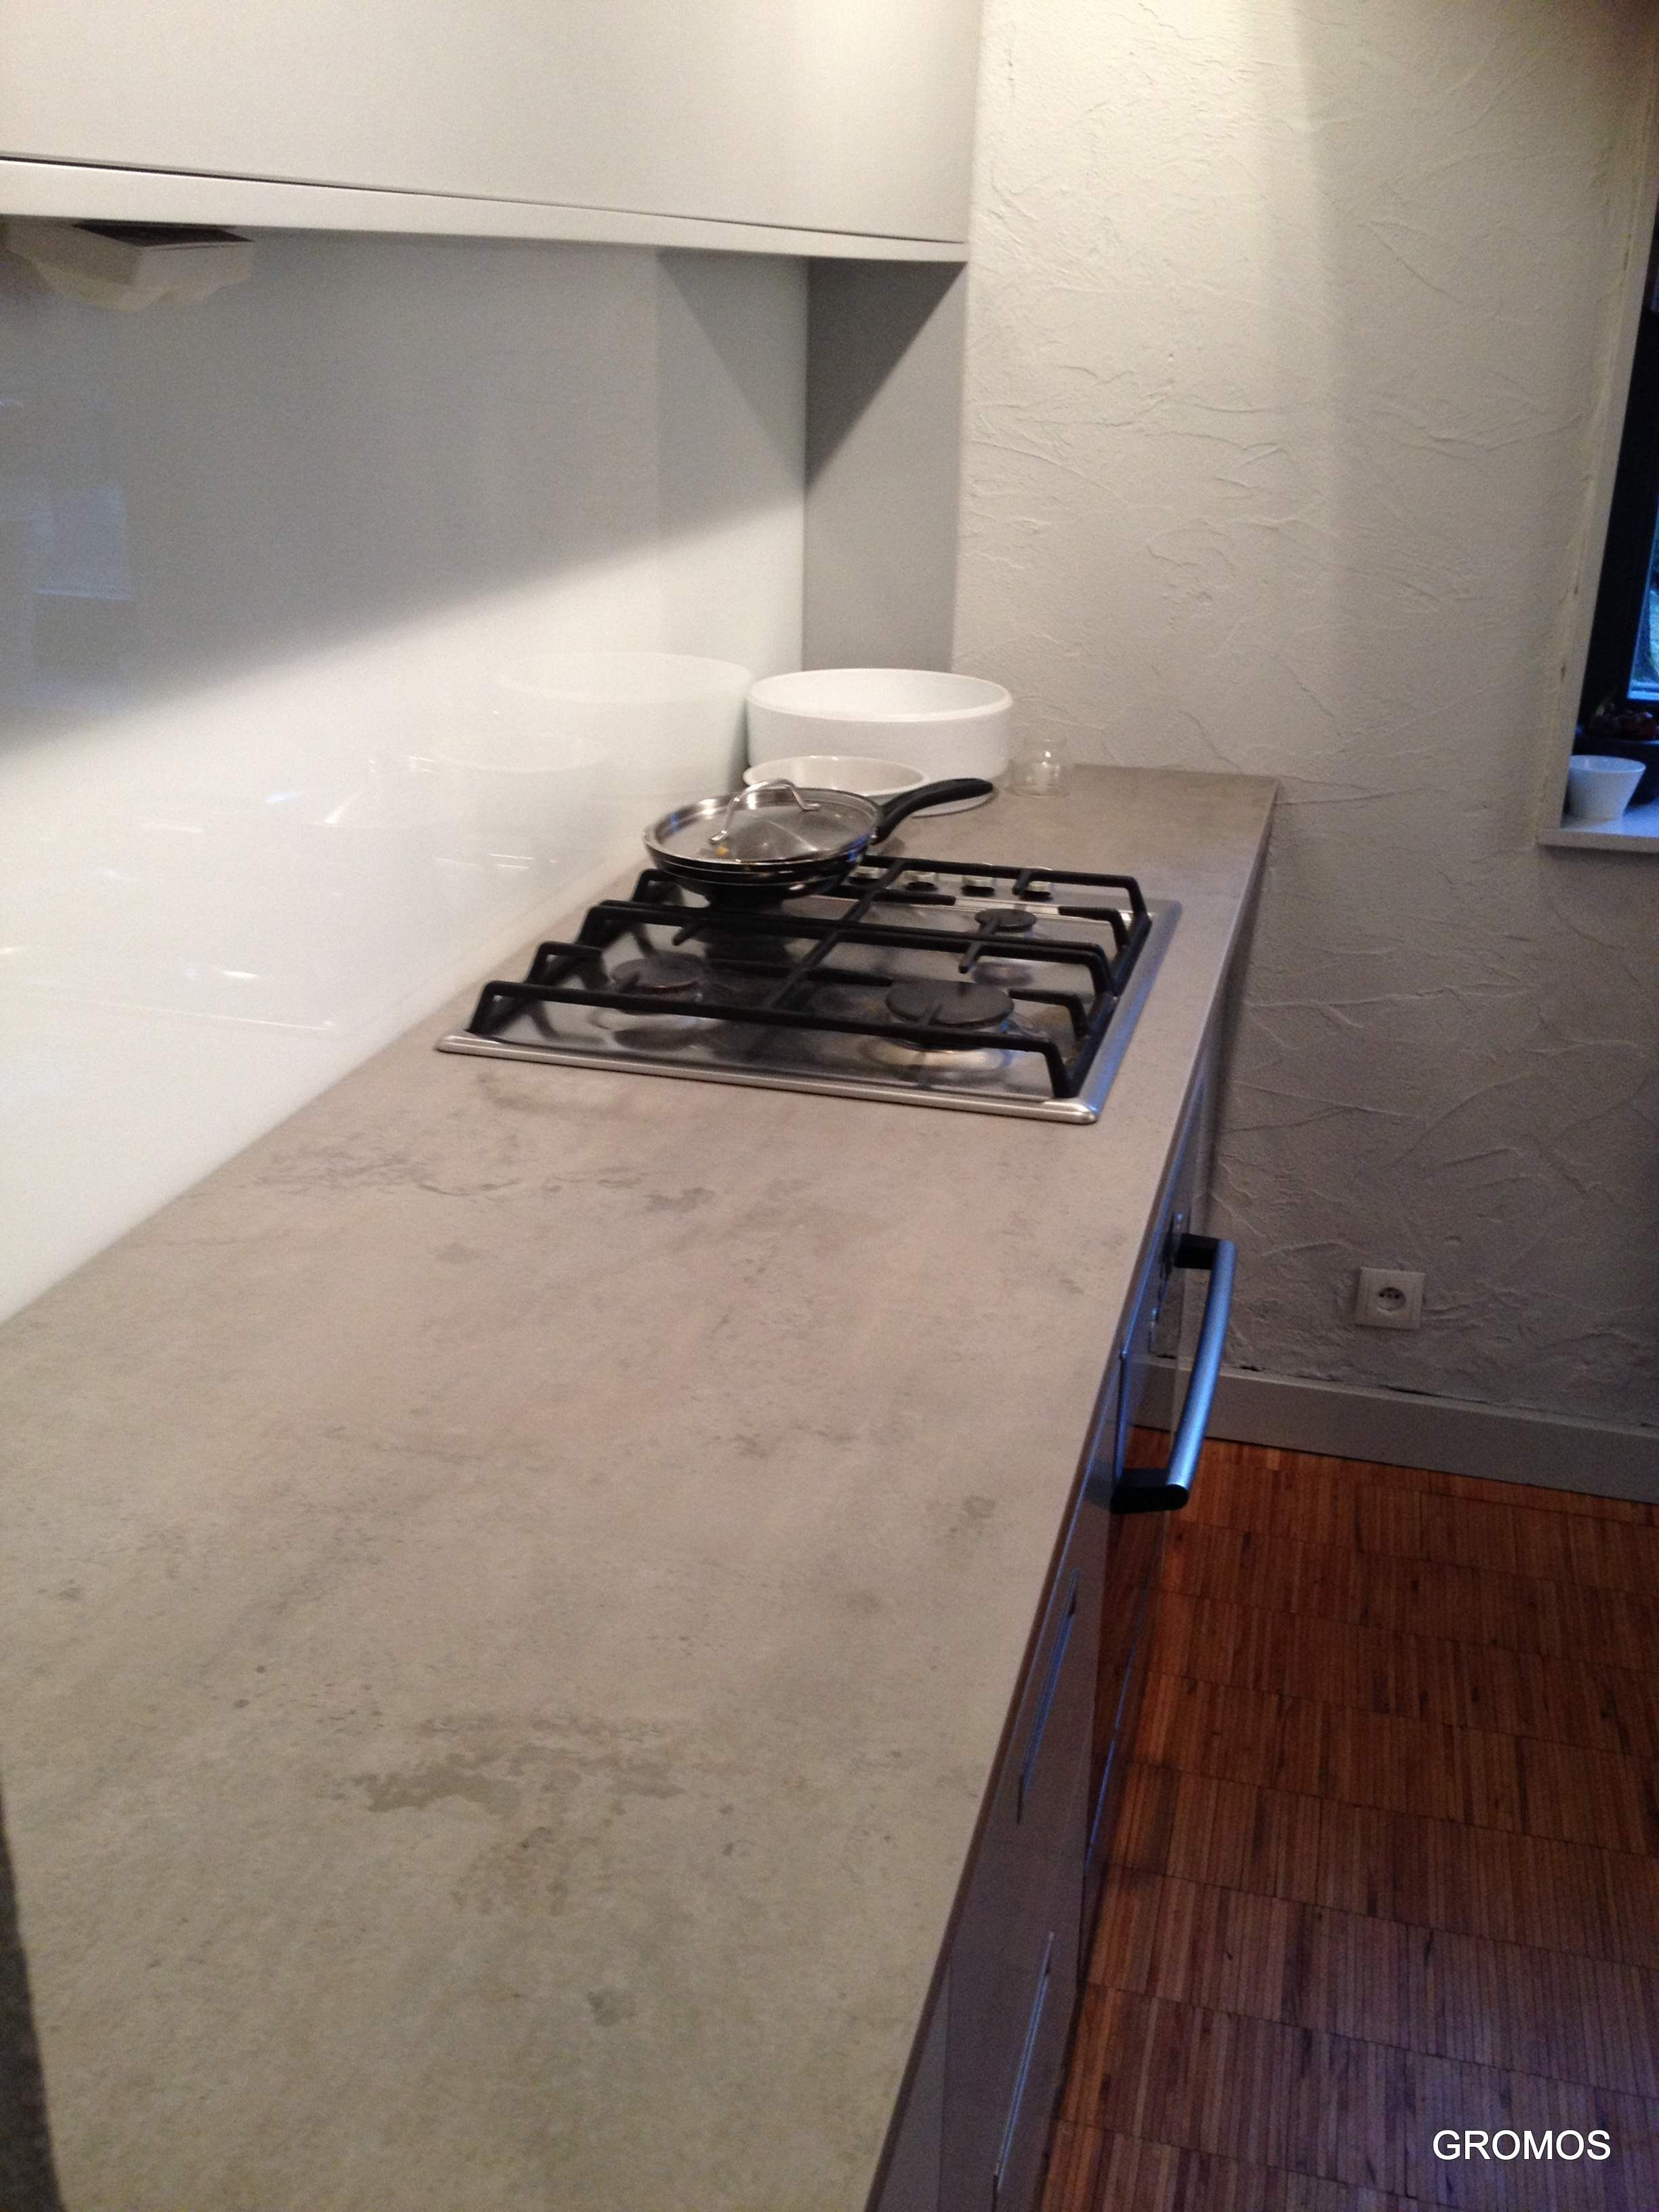 24 Neu Kuchenarbeitsplatte 90 Cm Tief Kitchen Corian